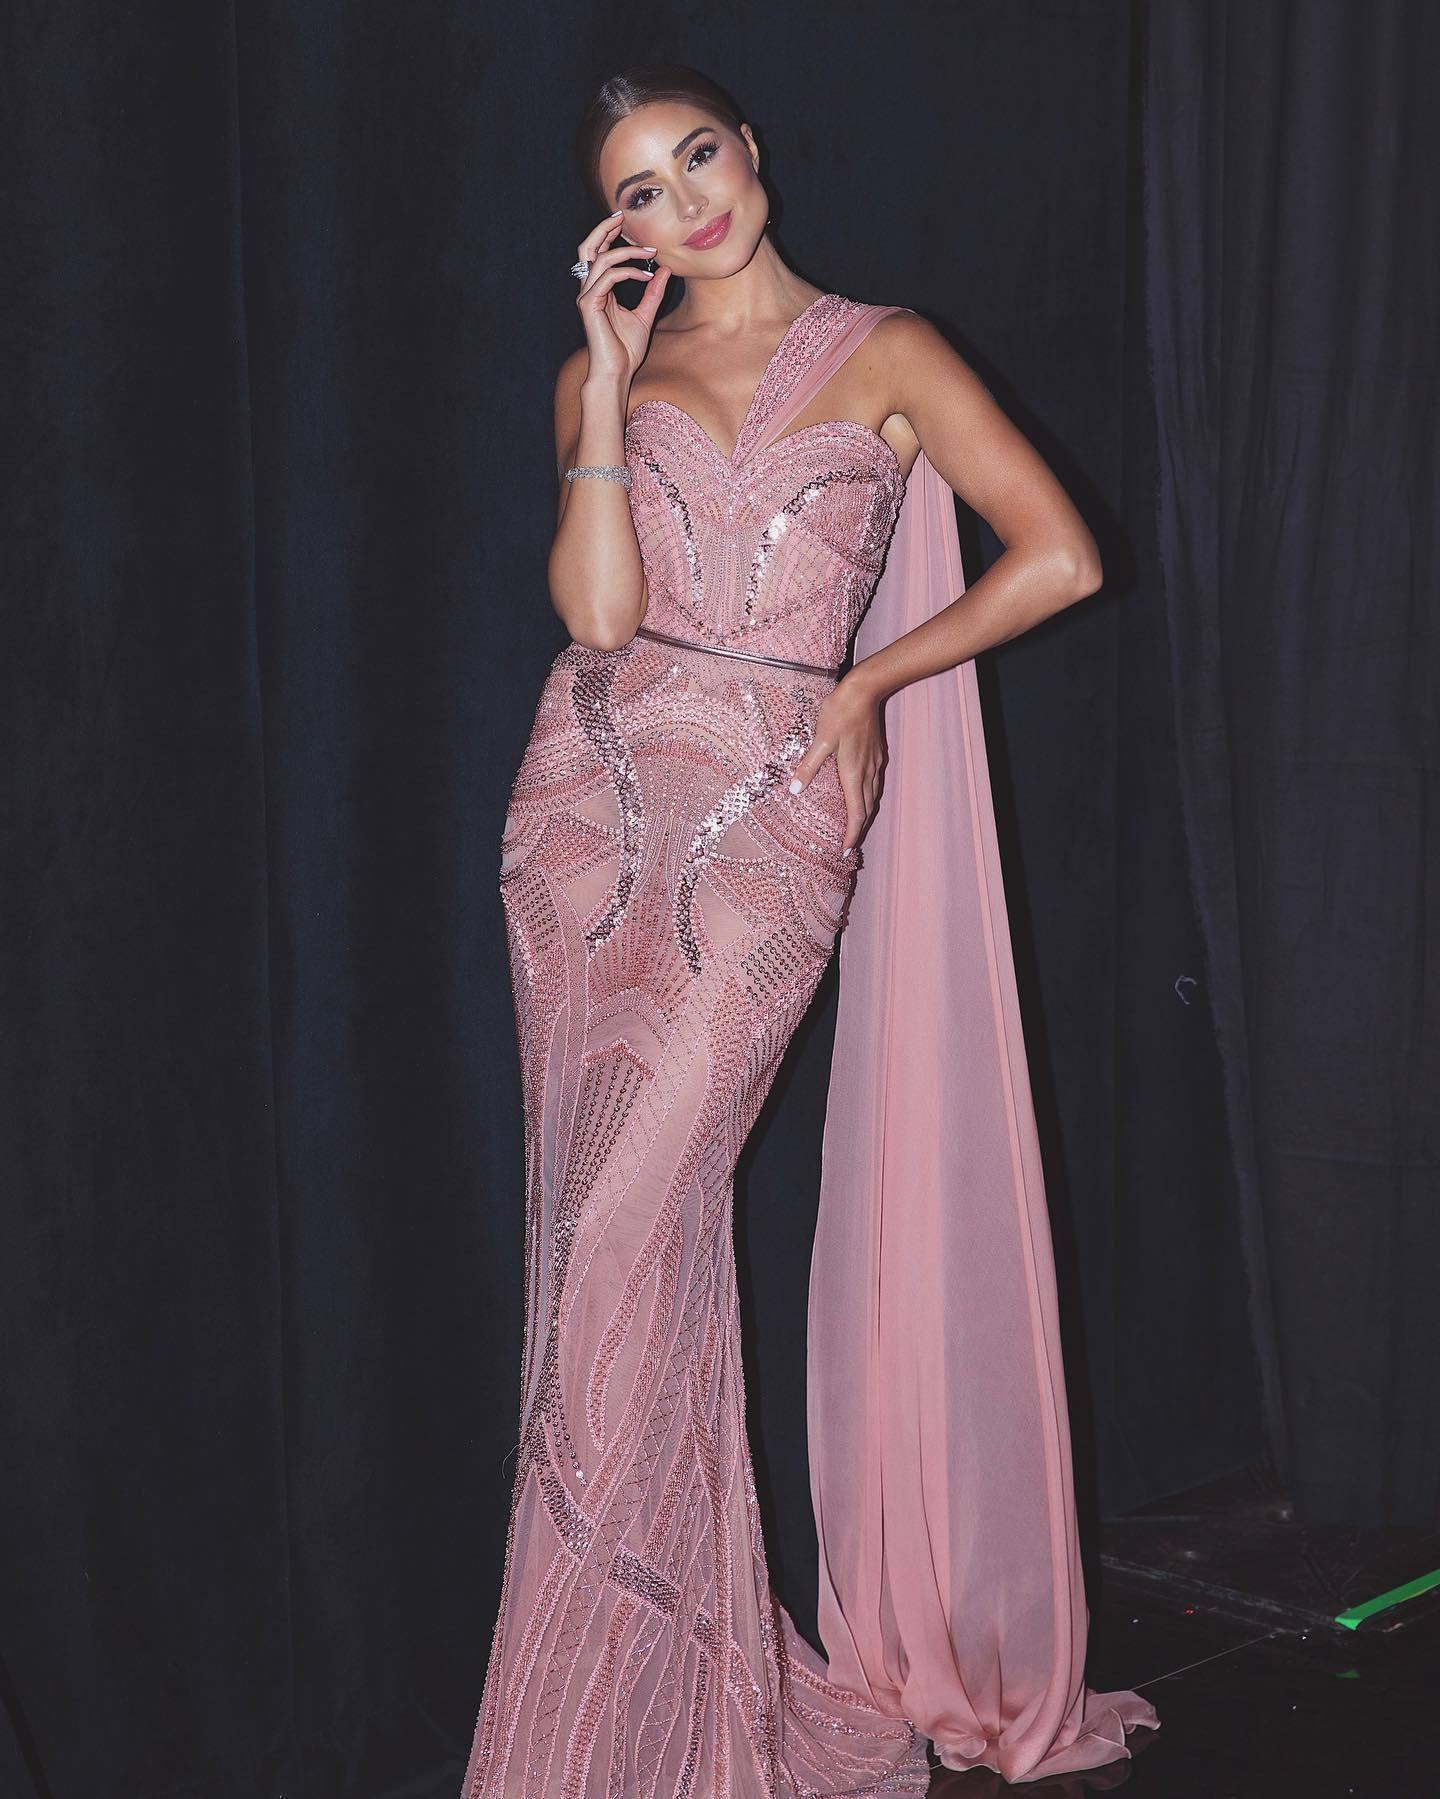 Vẻ nóng bỏng của Hoa hậu Hoàn vũ Olivia Culpo-2